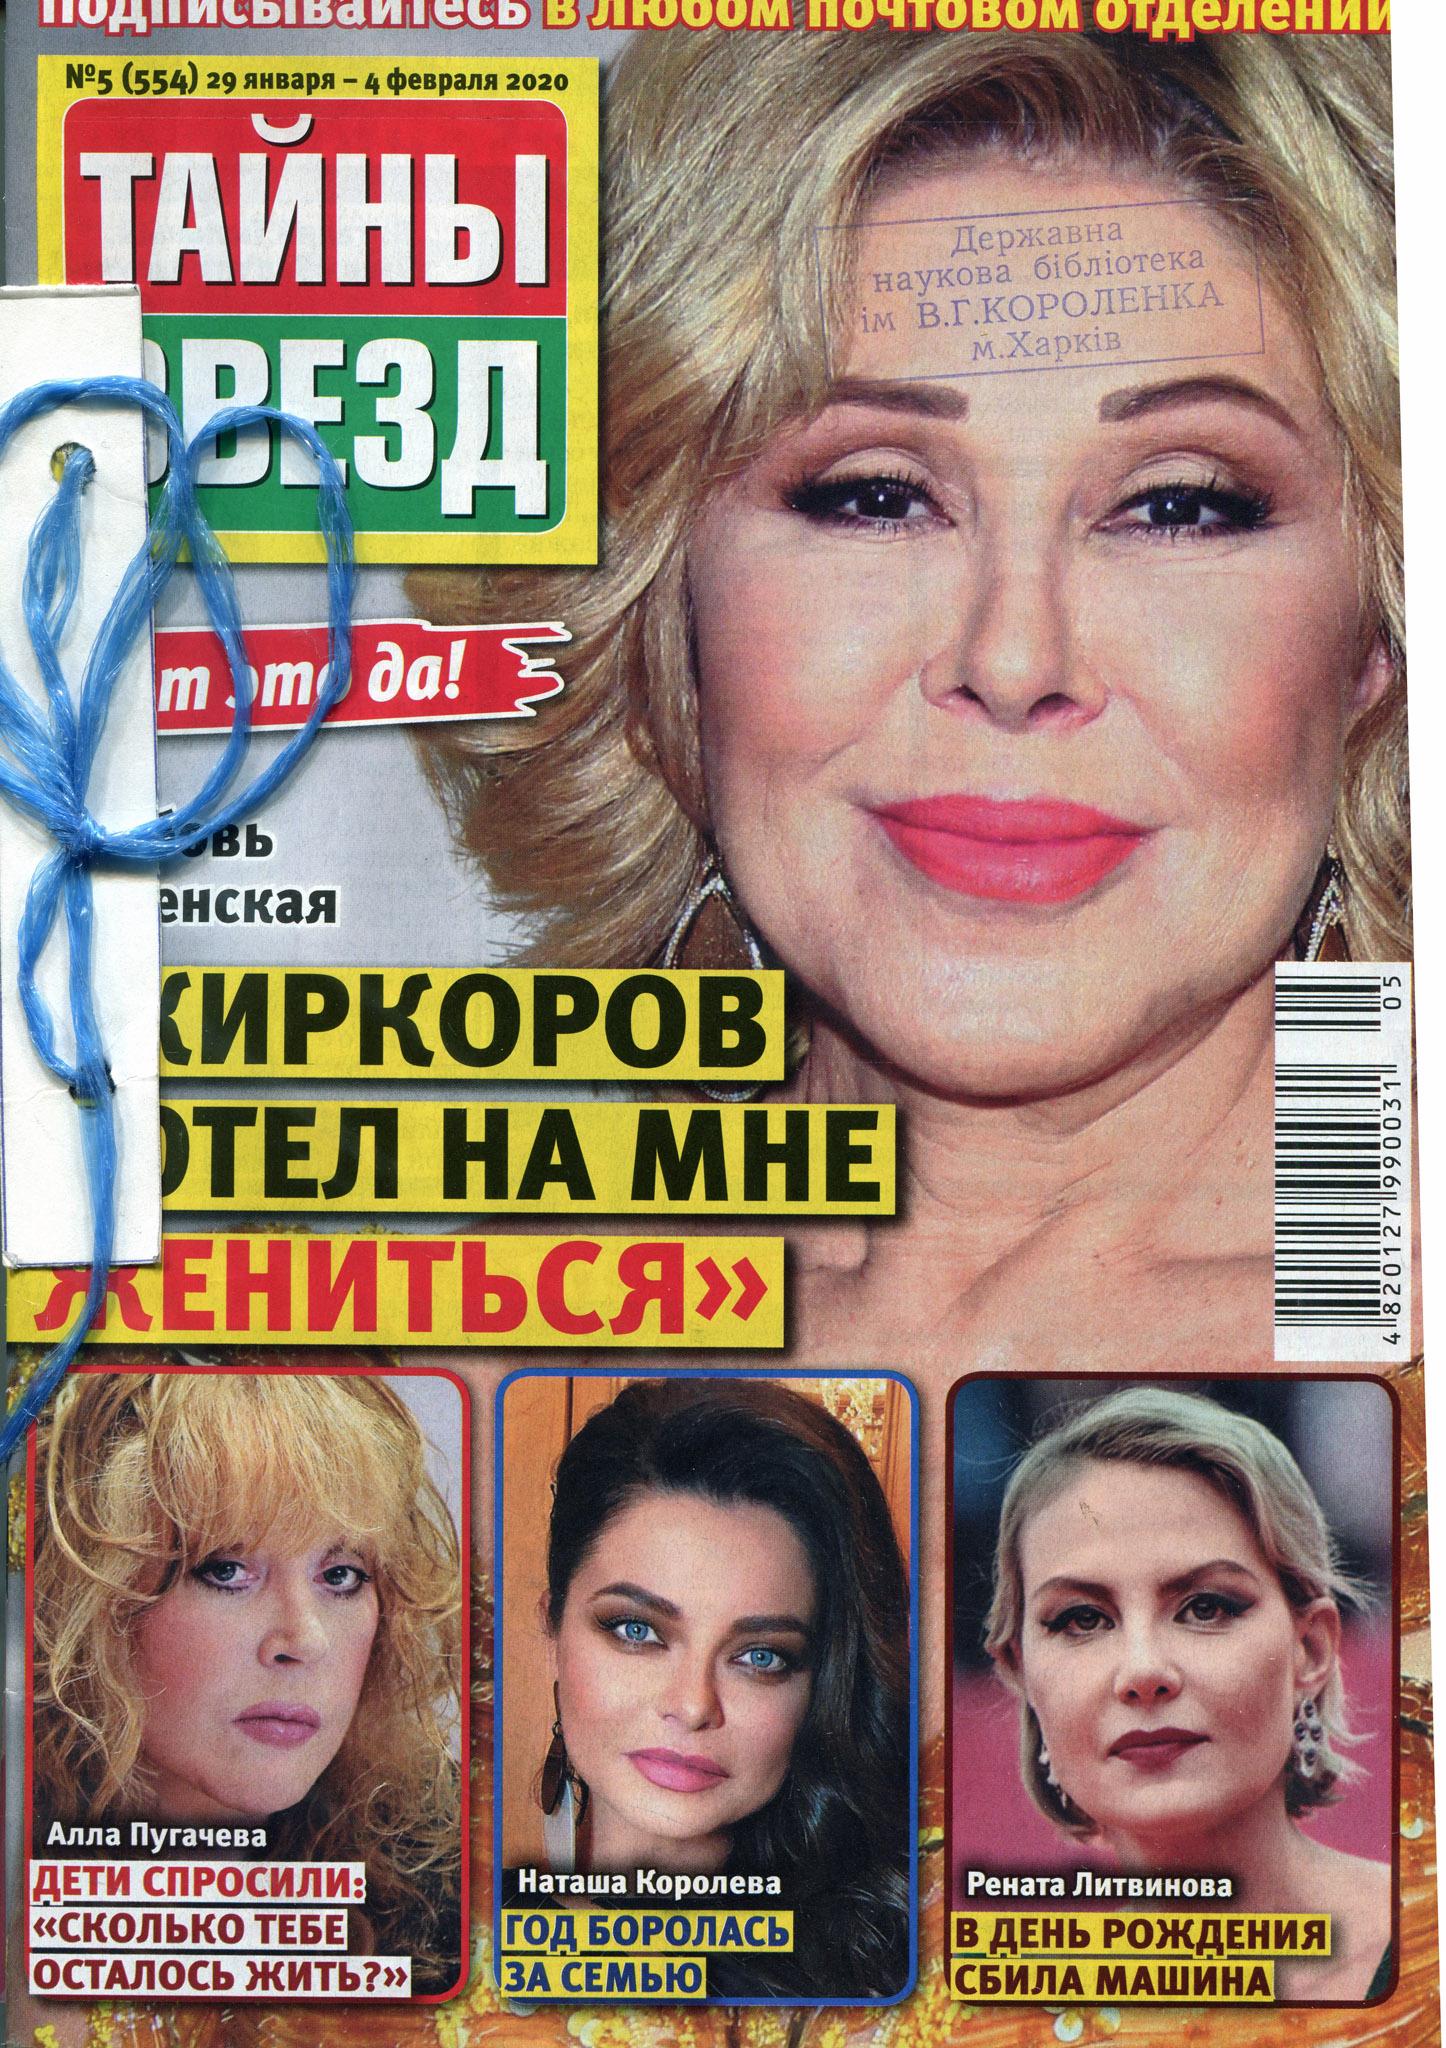 http://forumupload.ru/uploads/000c/4a/cb/547/736581.jpg